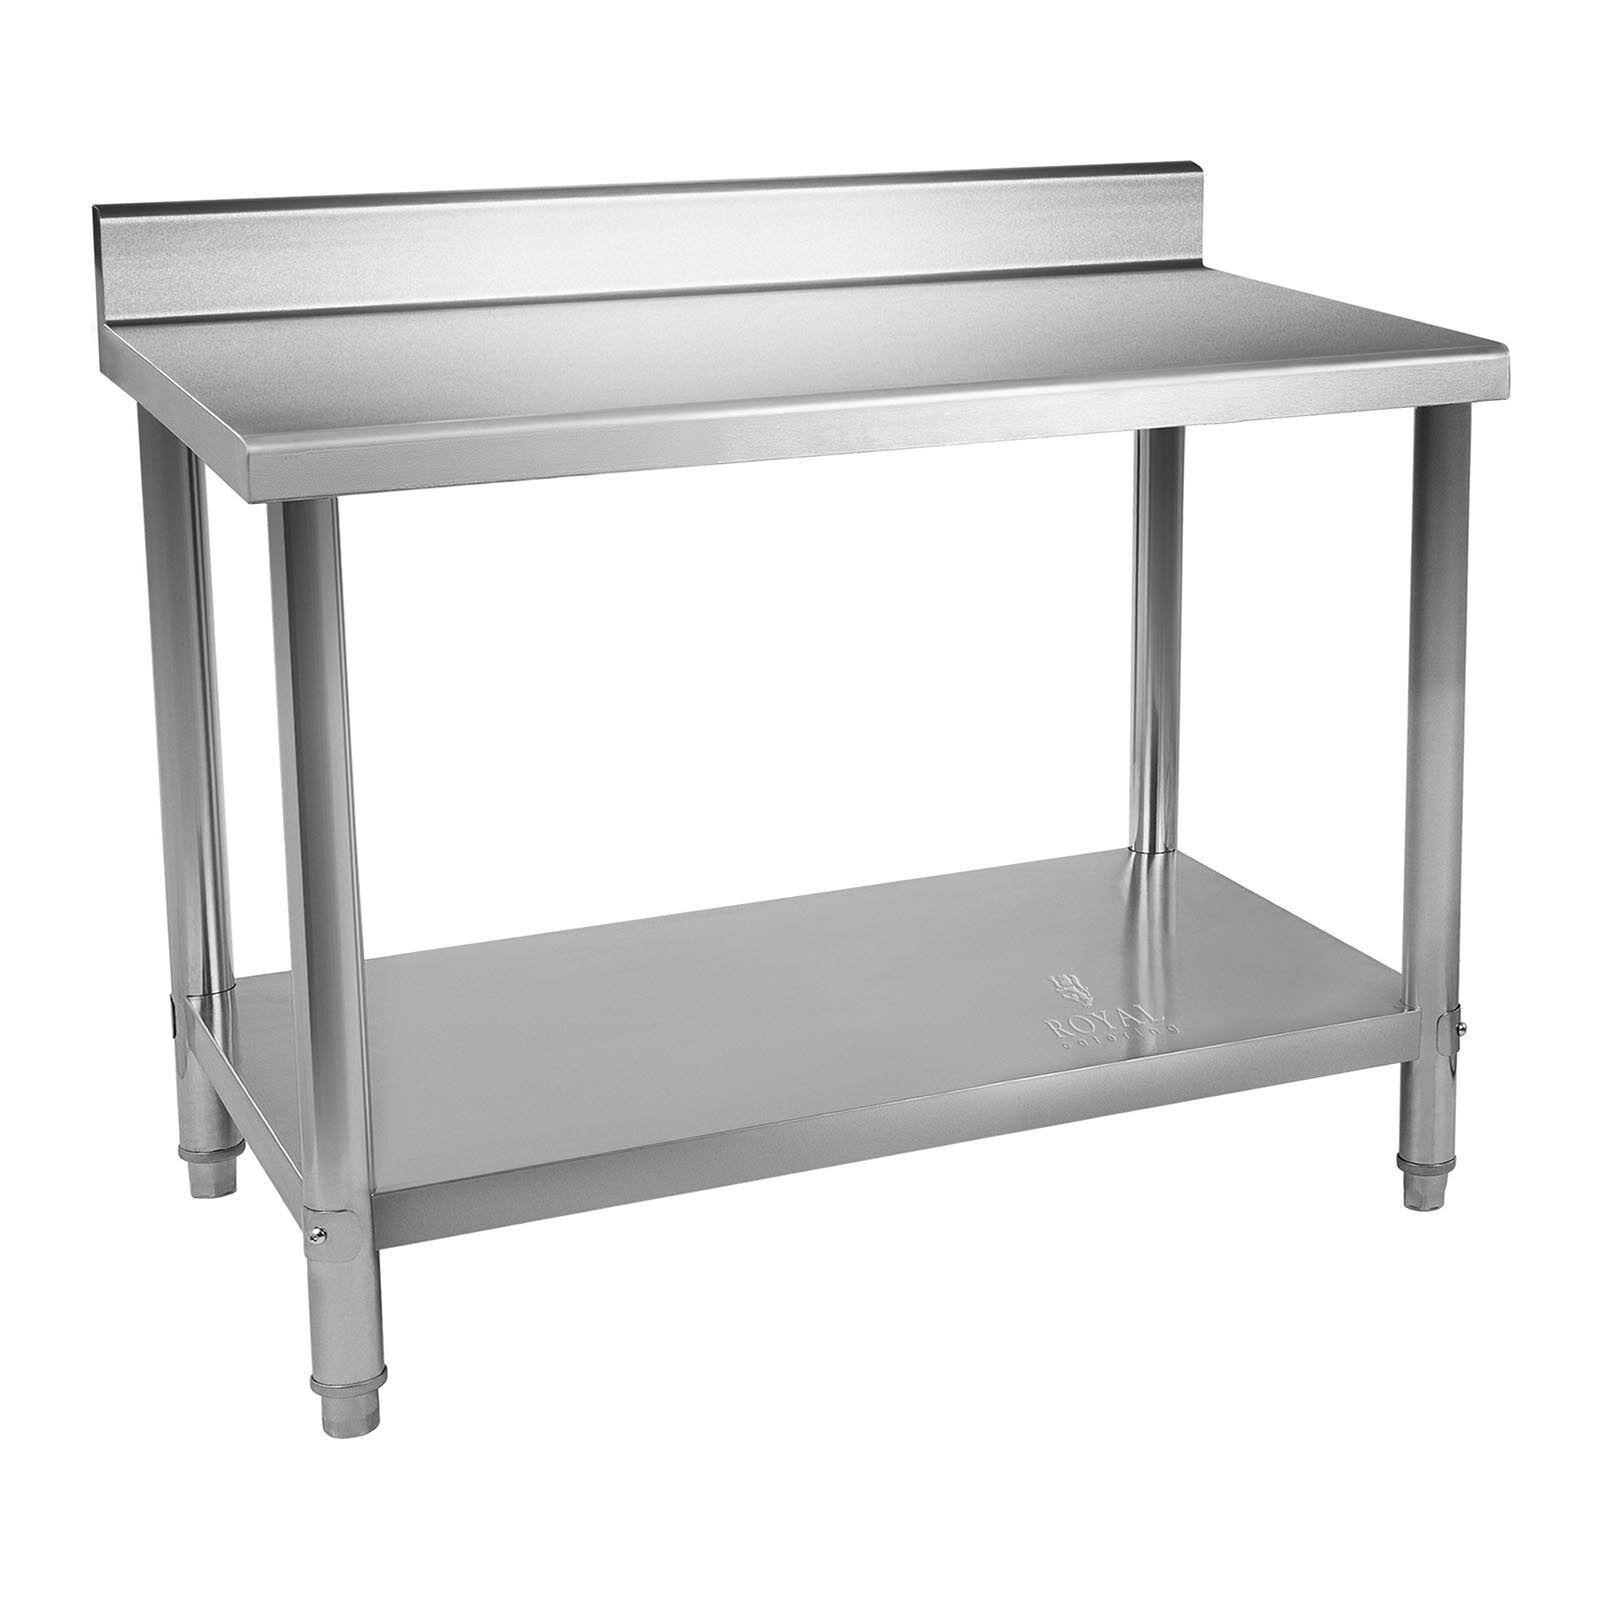 Royal Catering Table de travail en inox - 100 x 70 cm - Avec dosseret - Capacité de 95 kg RCAT-100/70-N